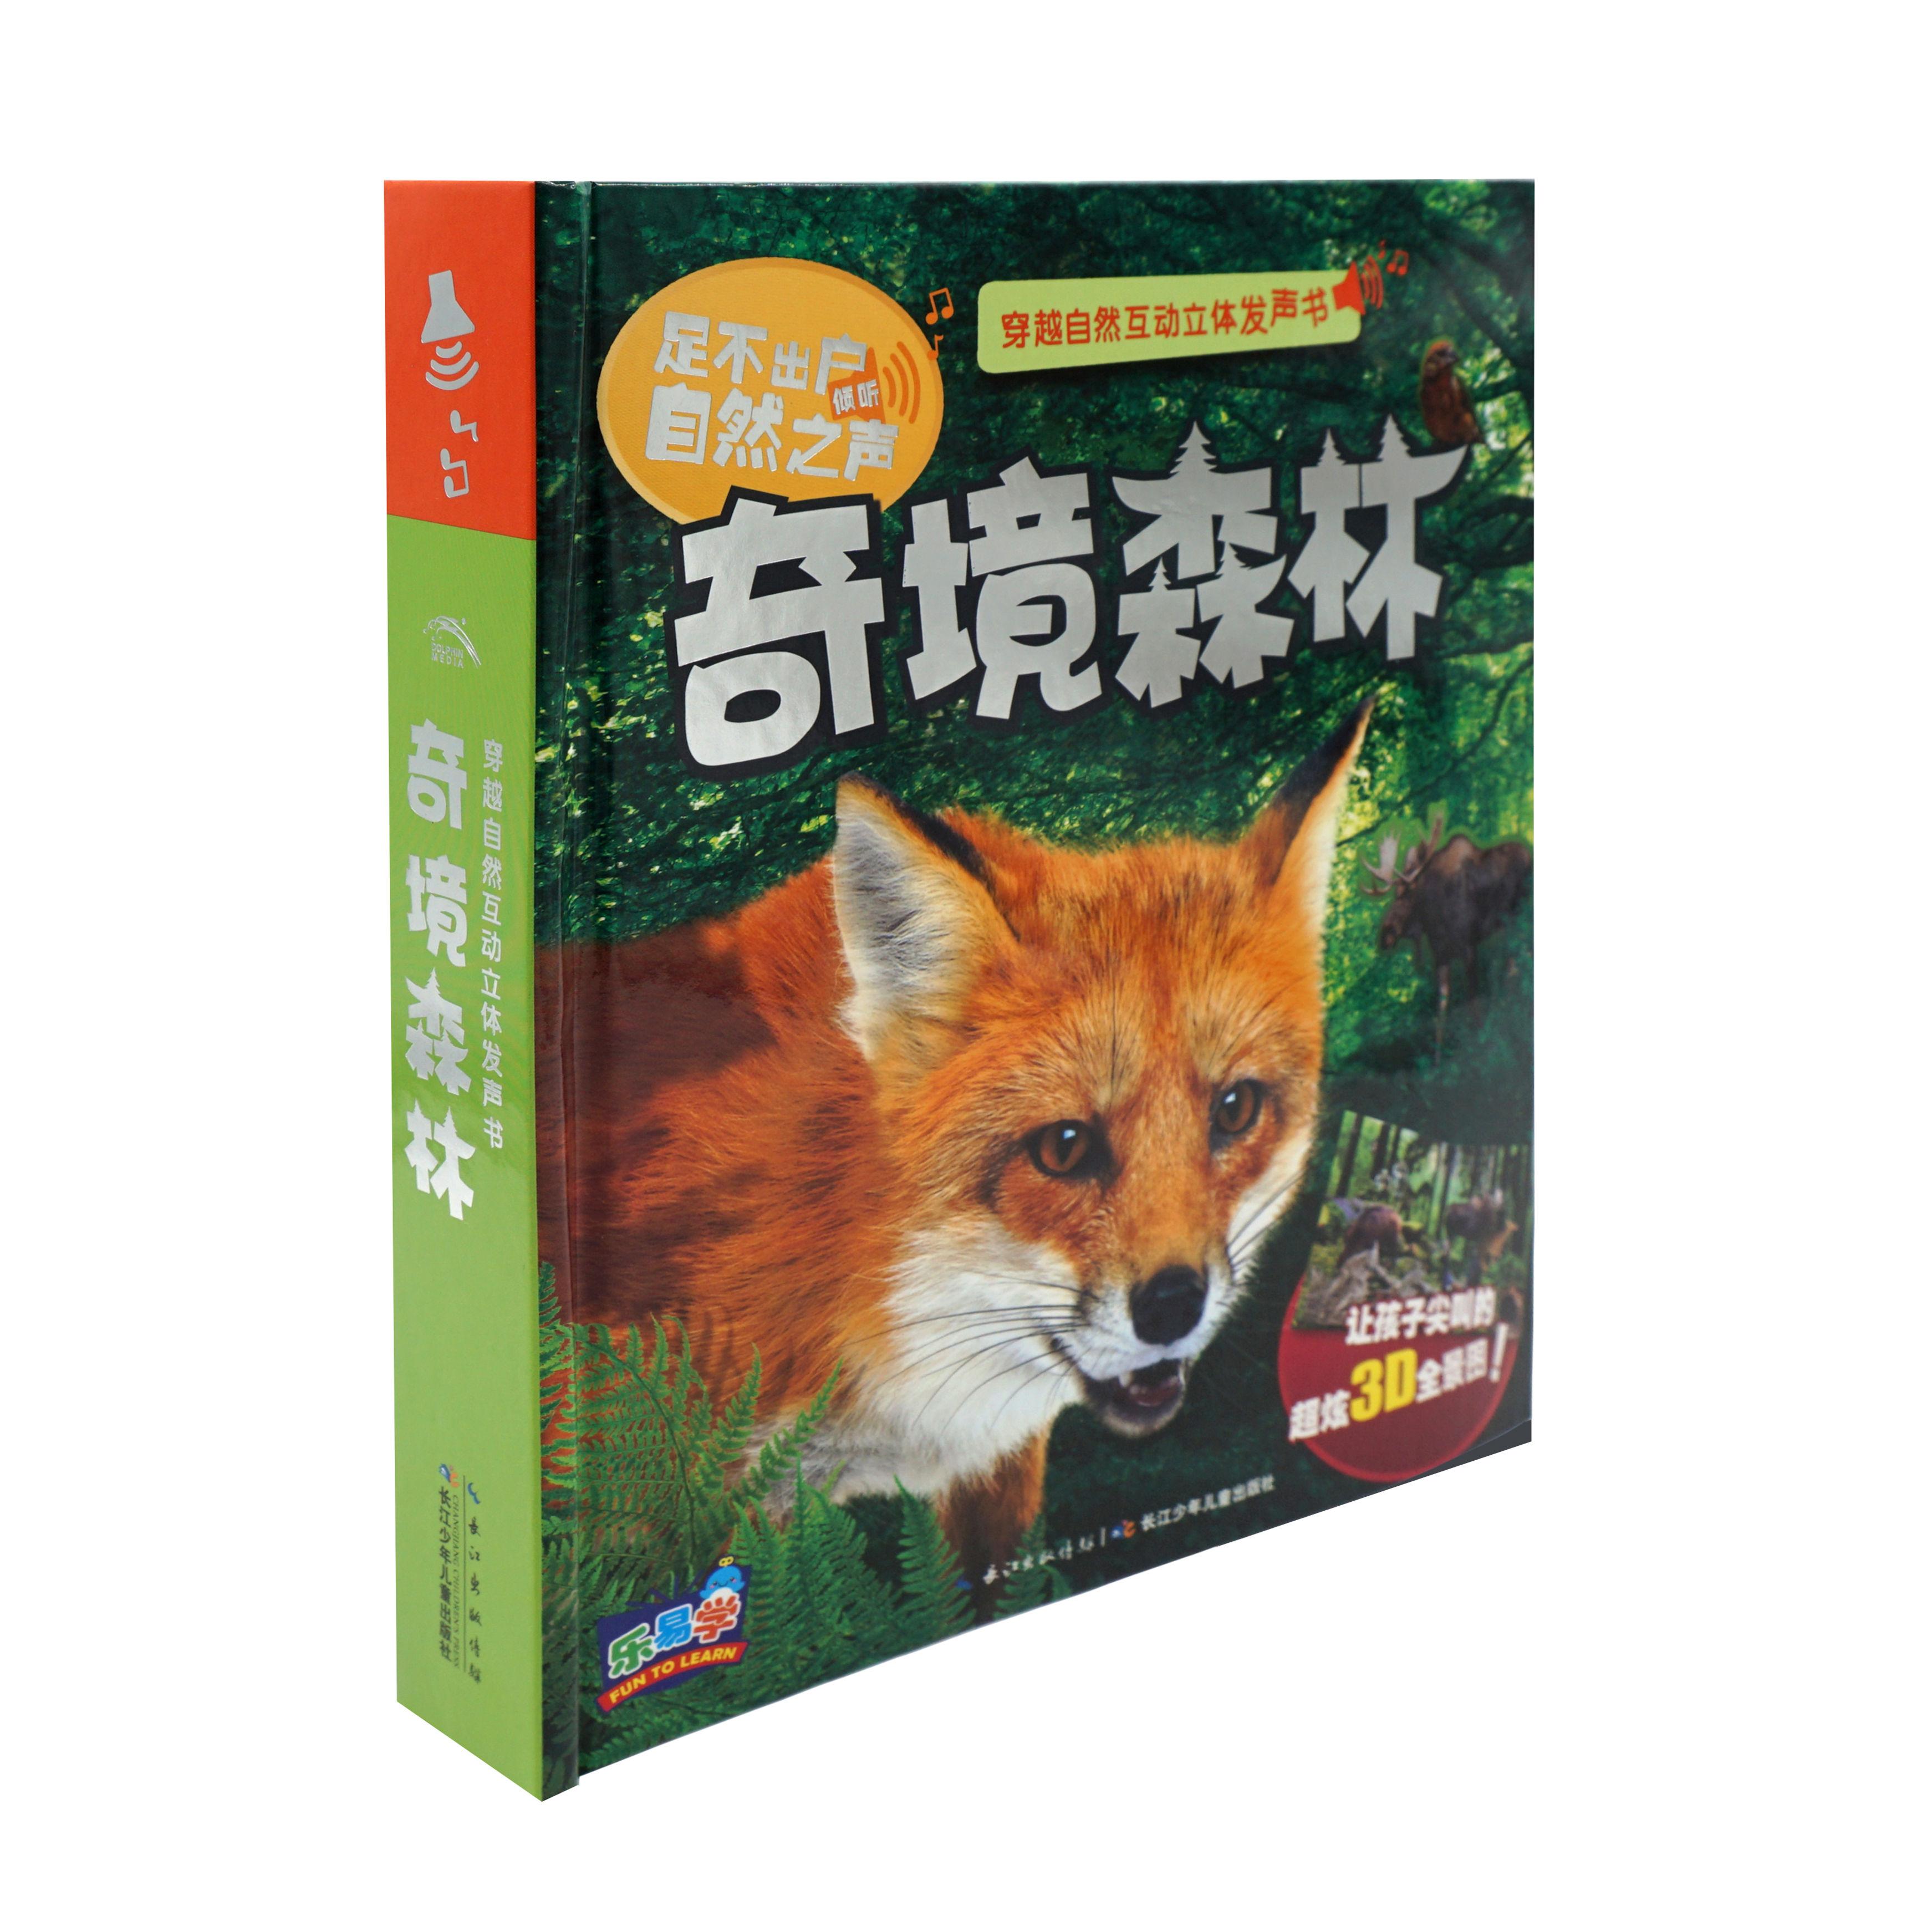 穿越自然互动立体发声书:奇境森林